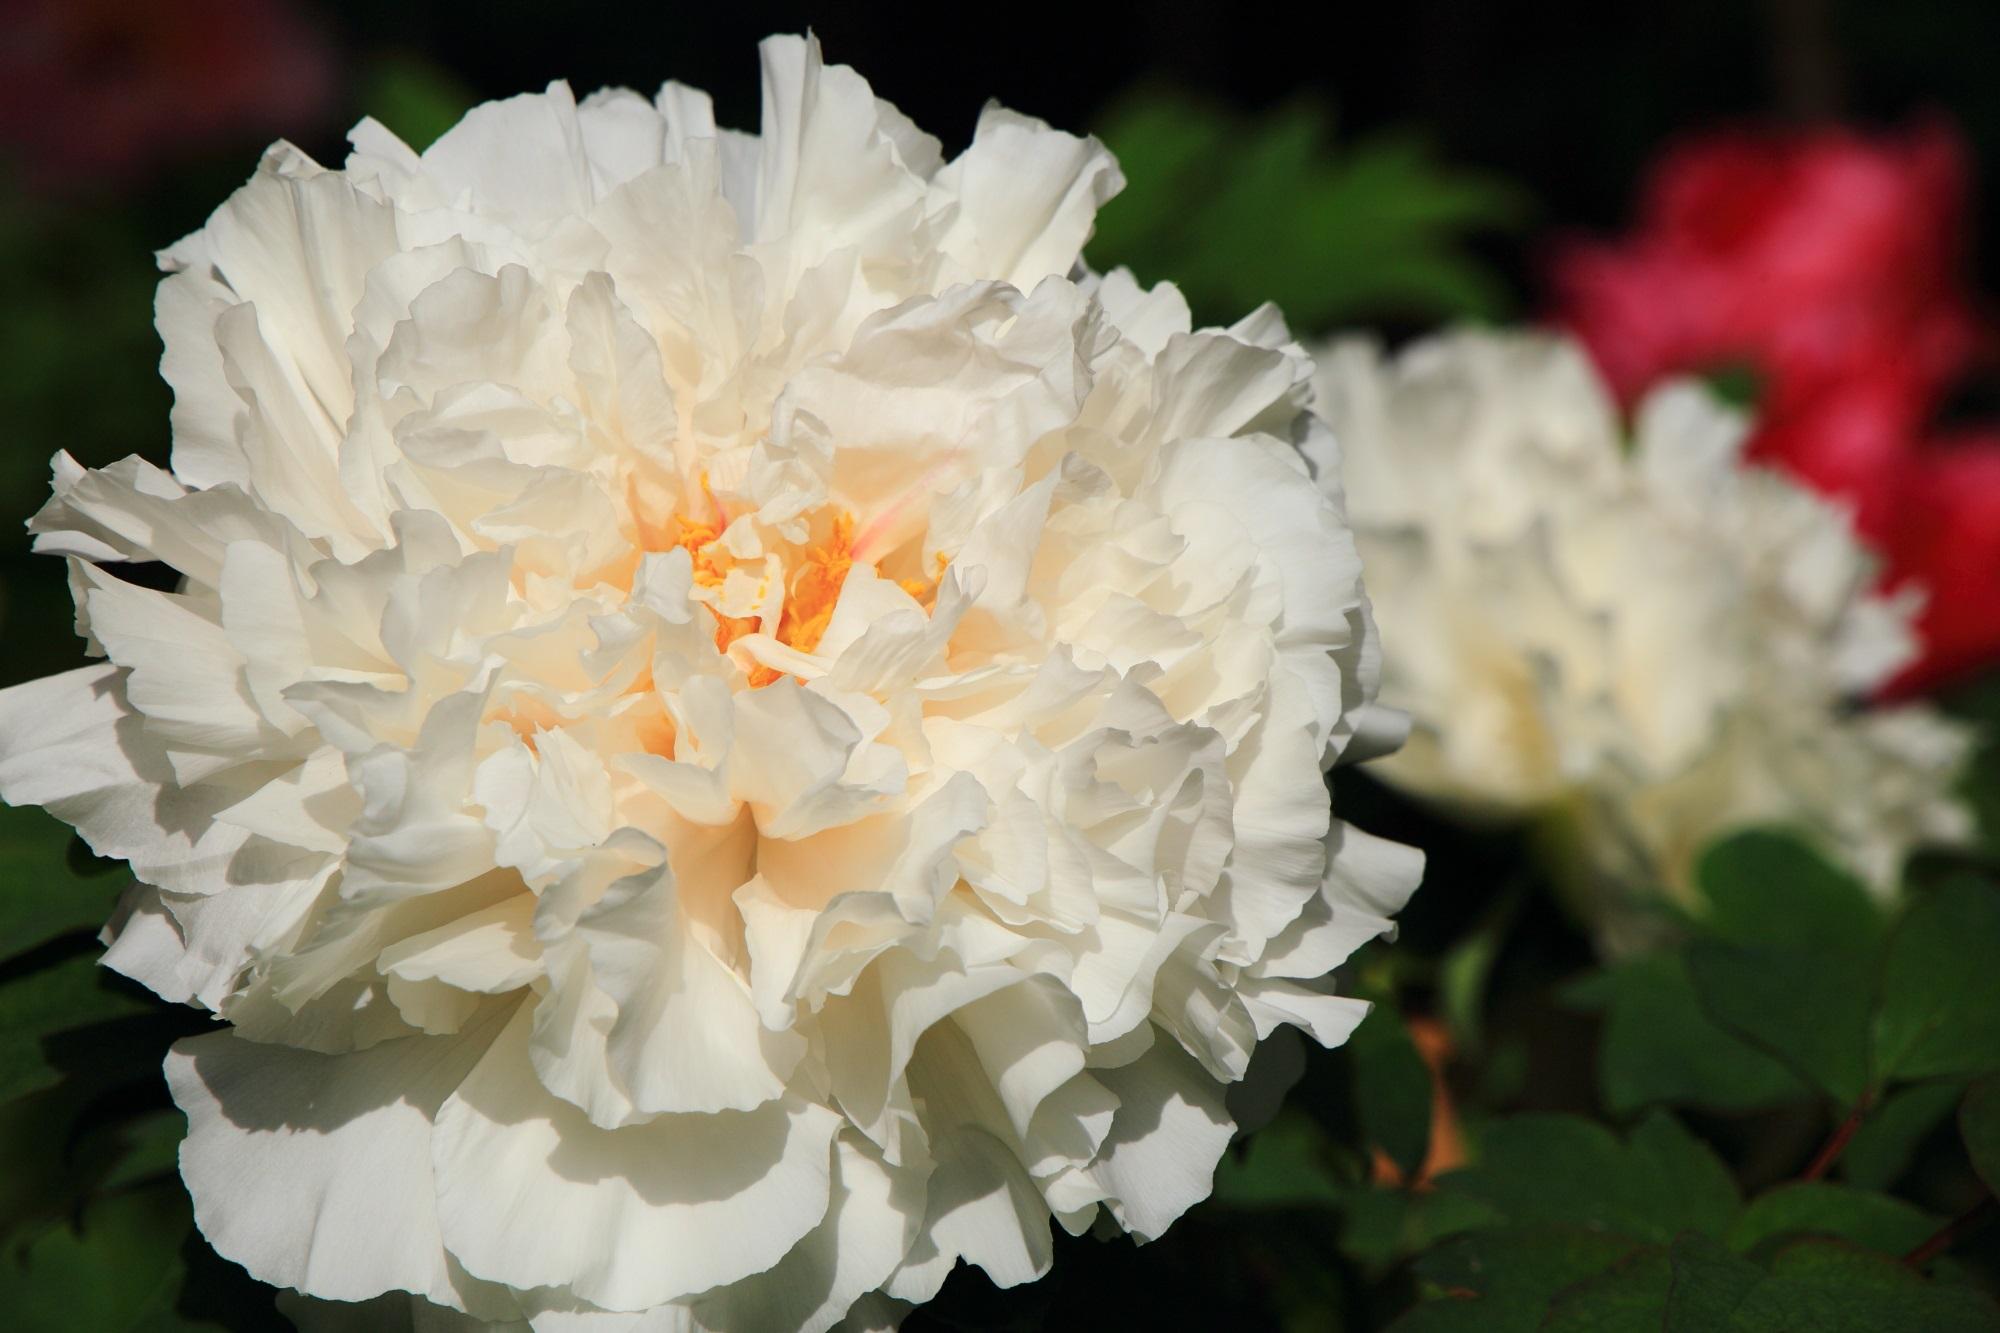 太陽を浴びて輝く白い牡丹の花